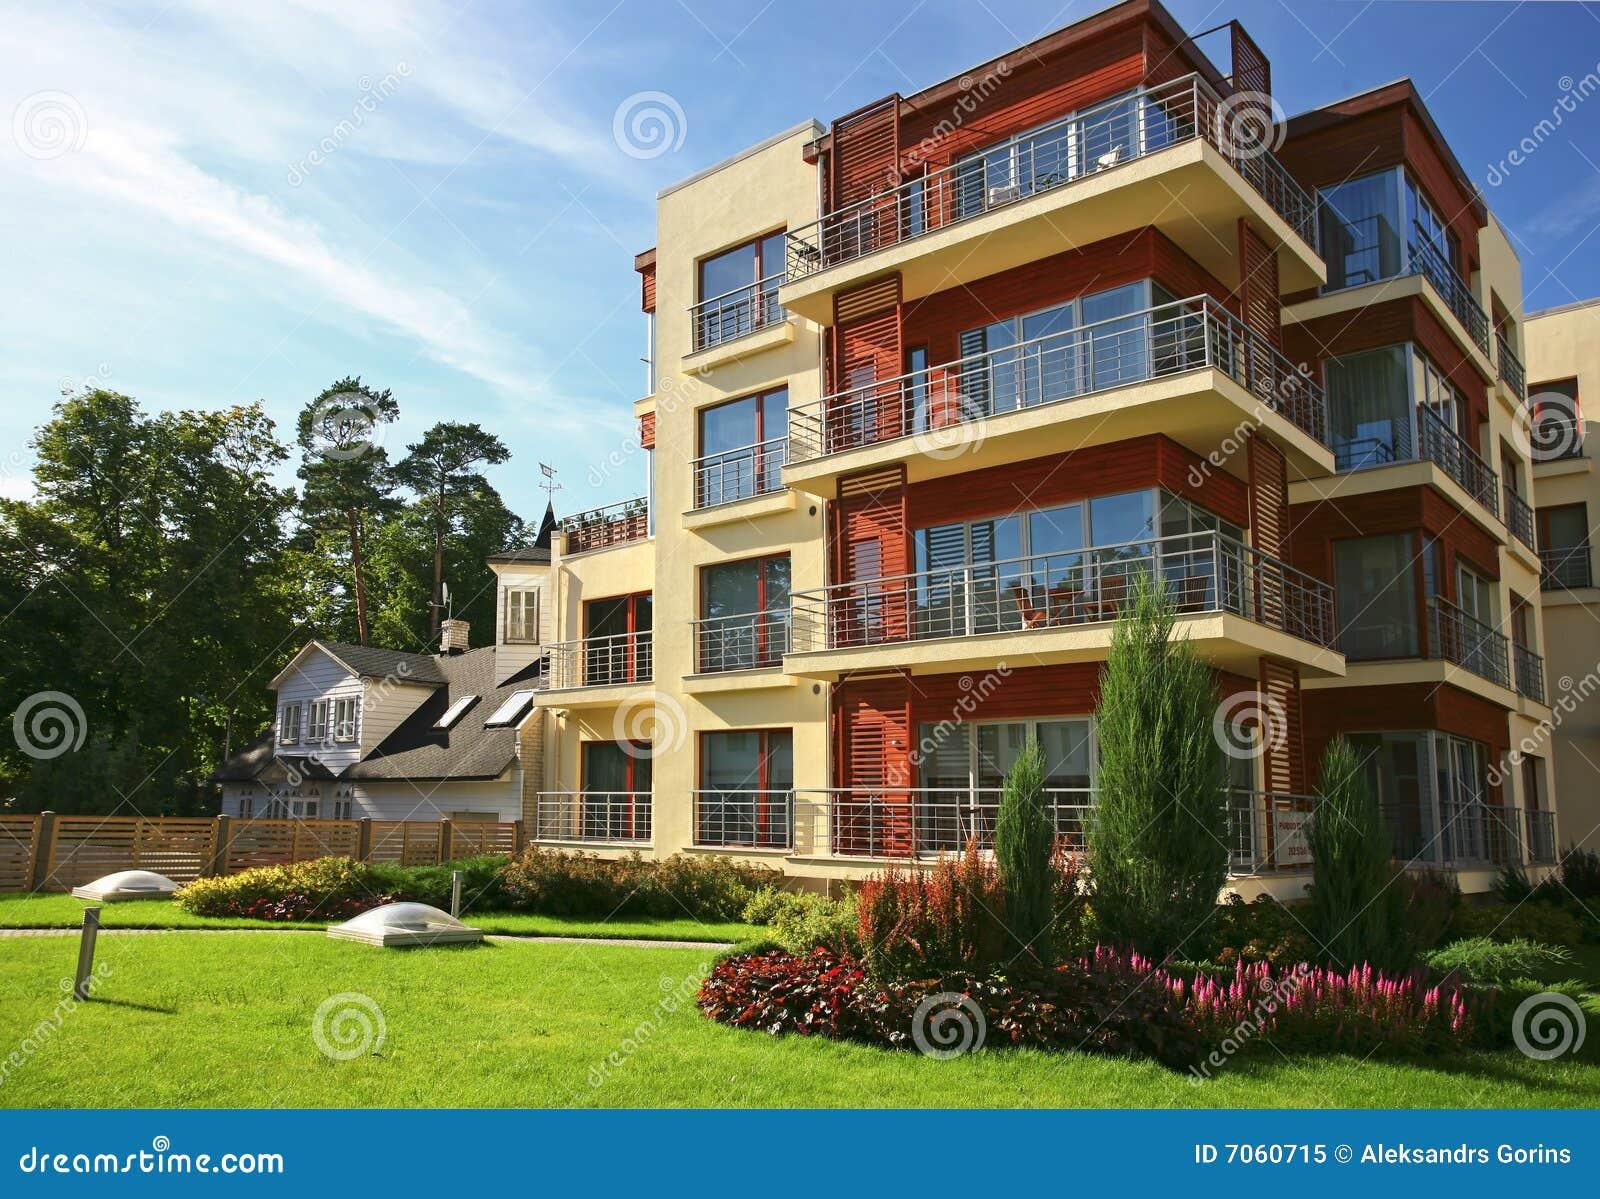 Appartamenti moderni immagine stock immagine di mansion for Appartamenti moderni foto